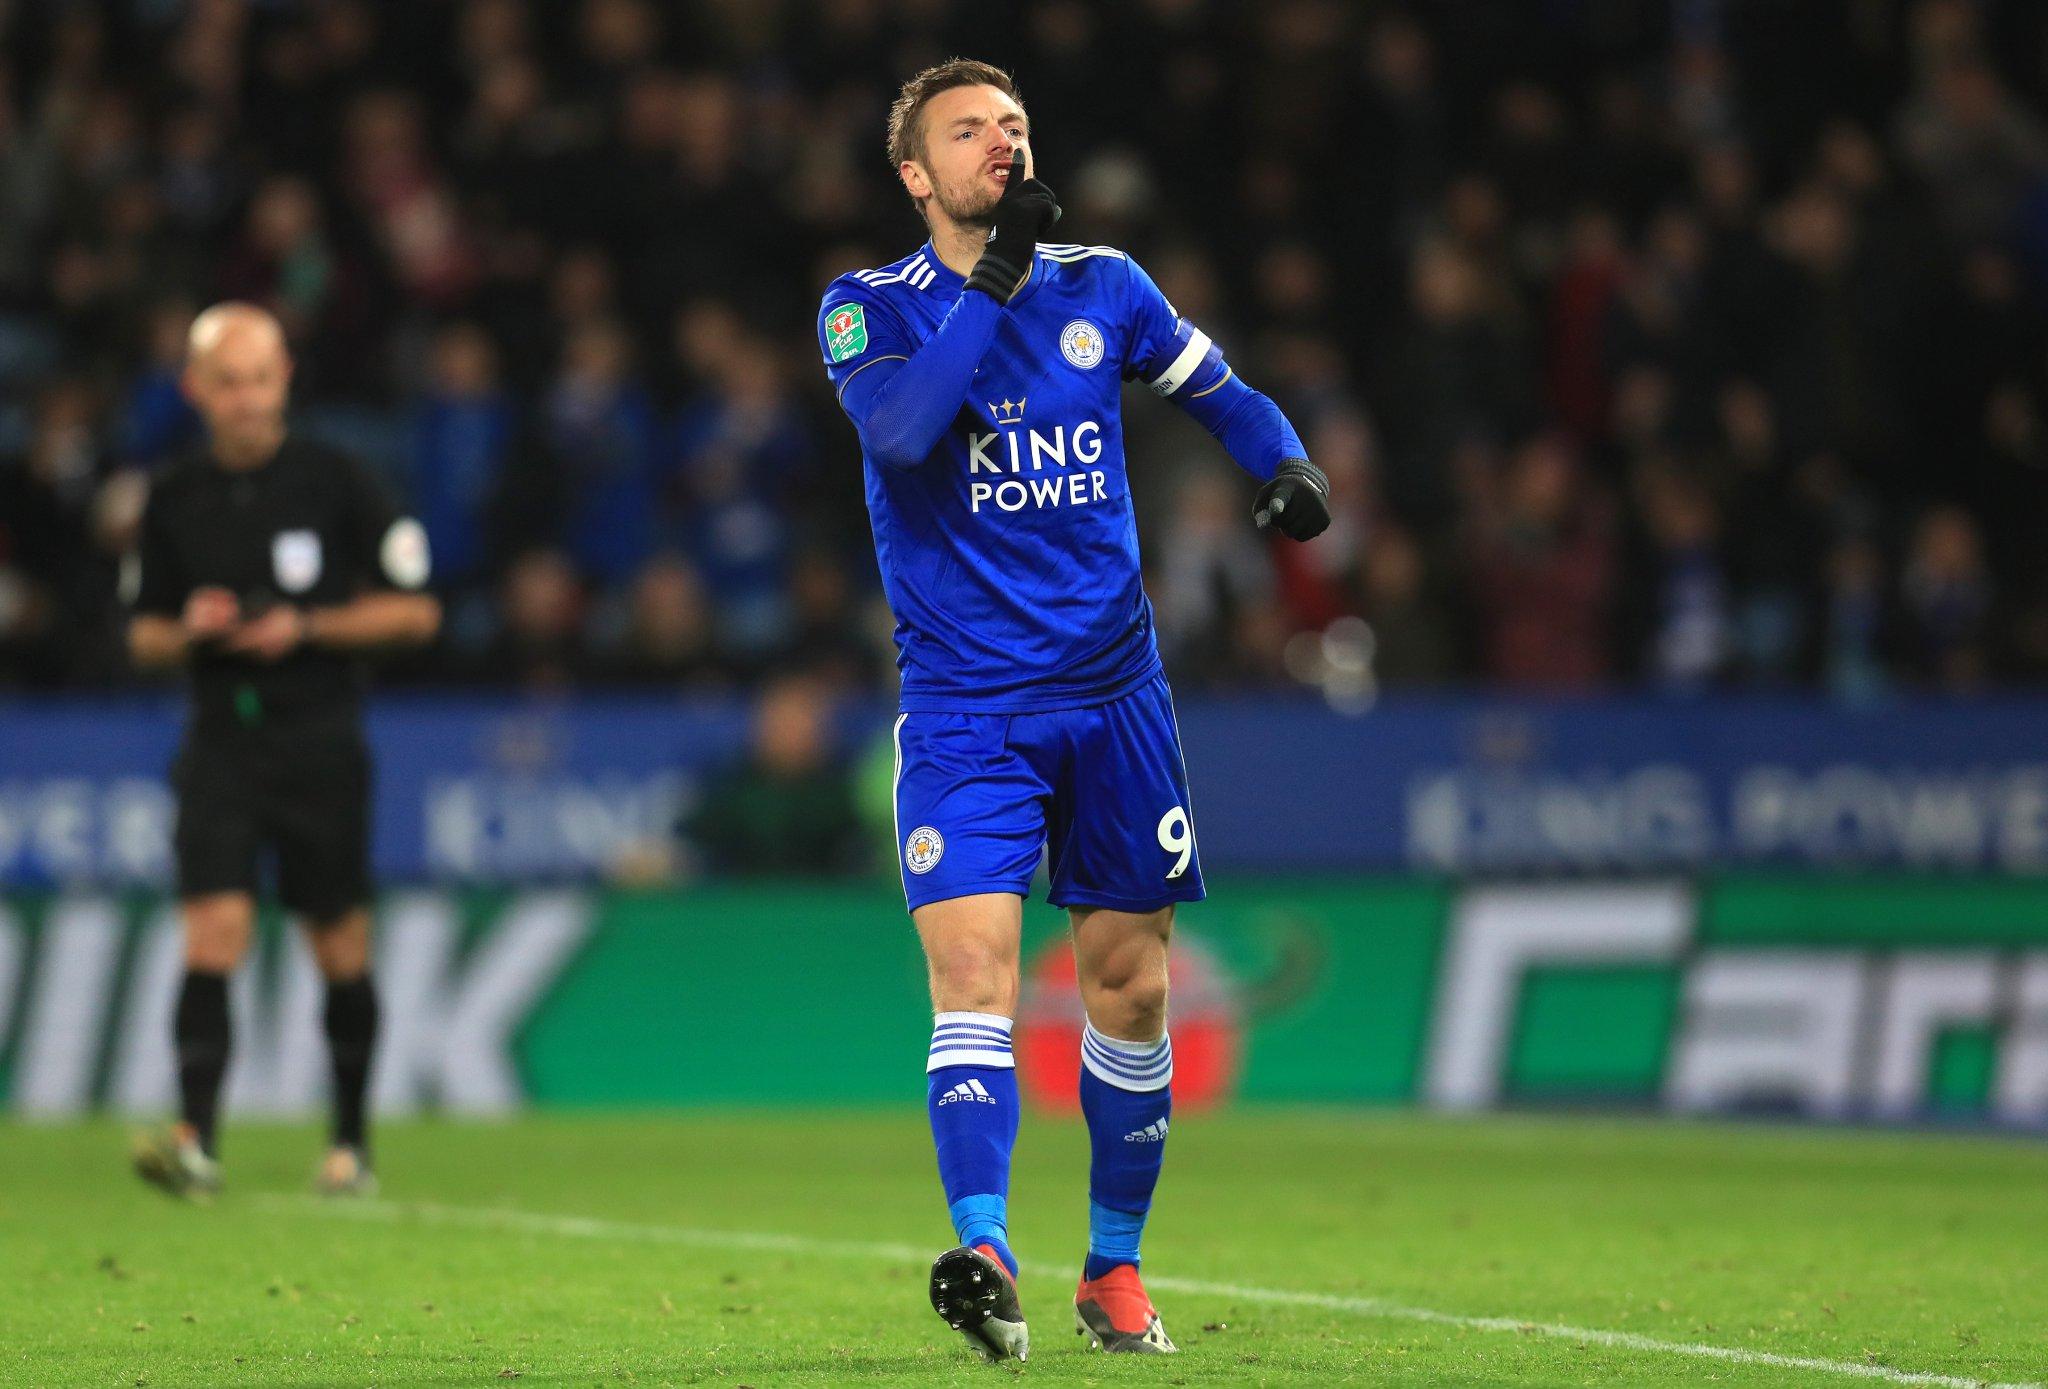 Đánh giá sau trận đấu Chelsea 0 - 1 Leicester